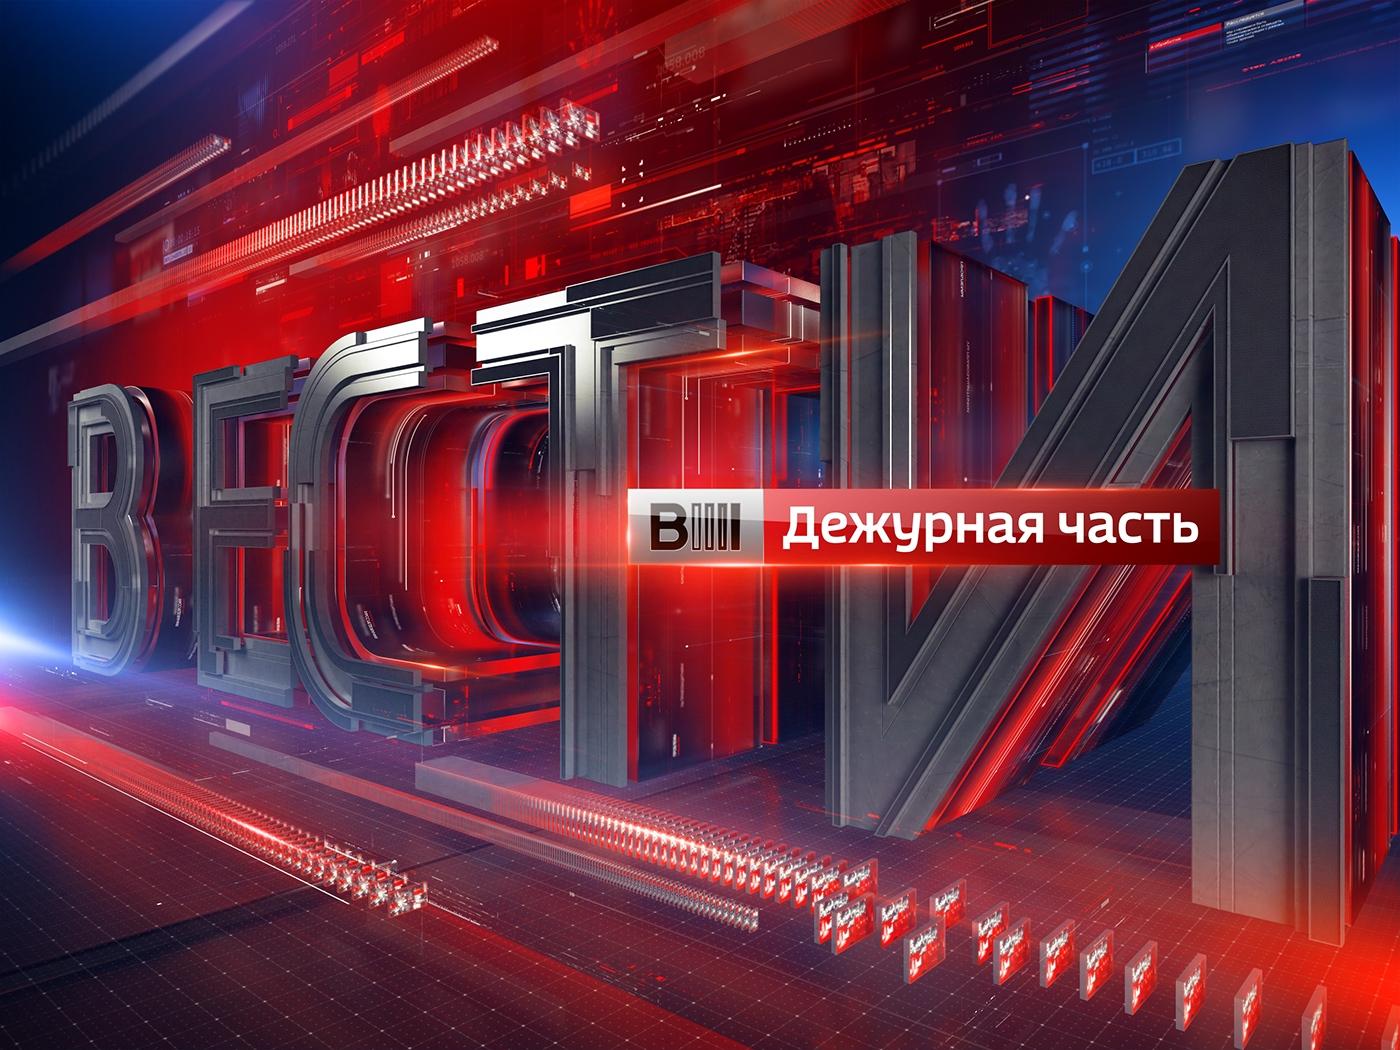 Новозыбков поздравления по телевизору